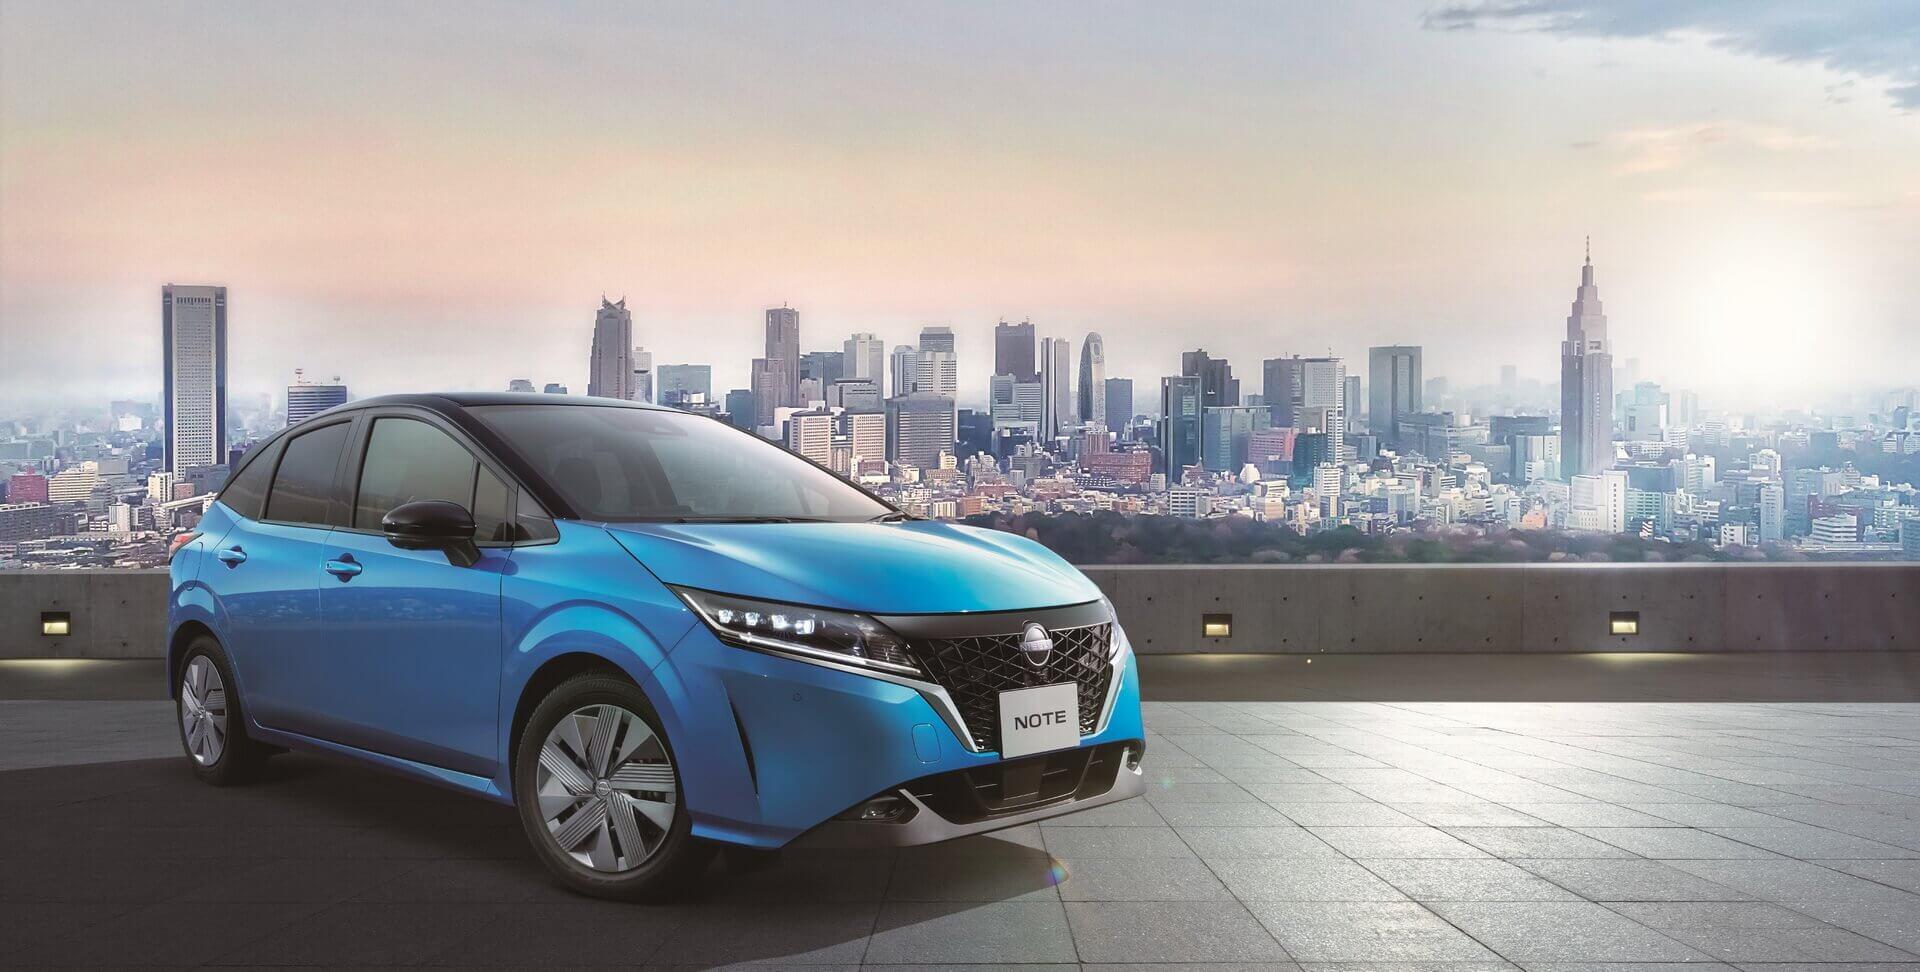 ВЯпонии представлен новый Nissan Note 2021 года сэлектрифицированным силовым агрегатом